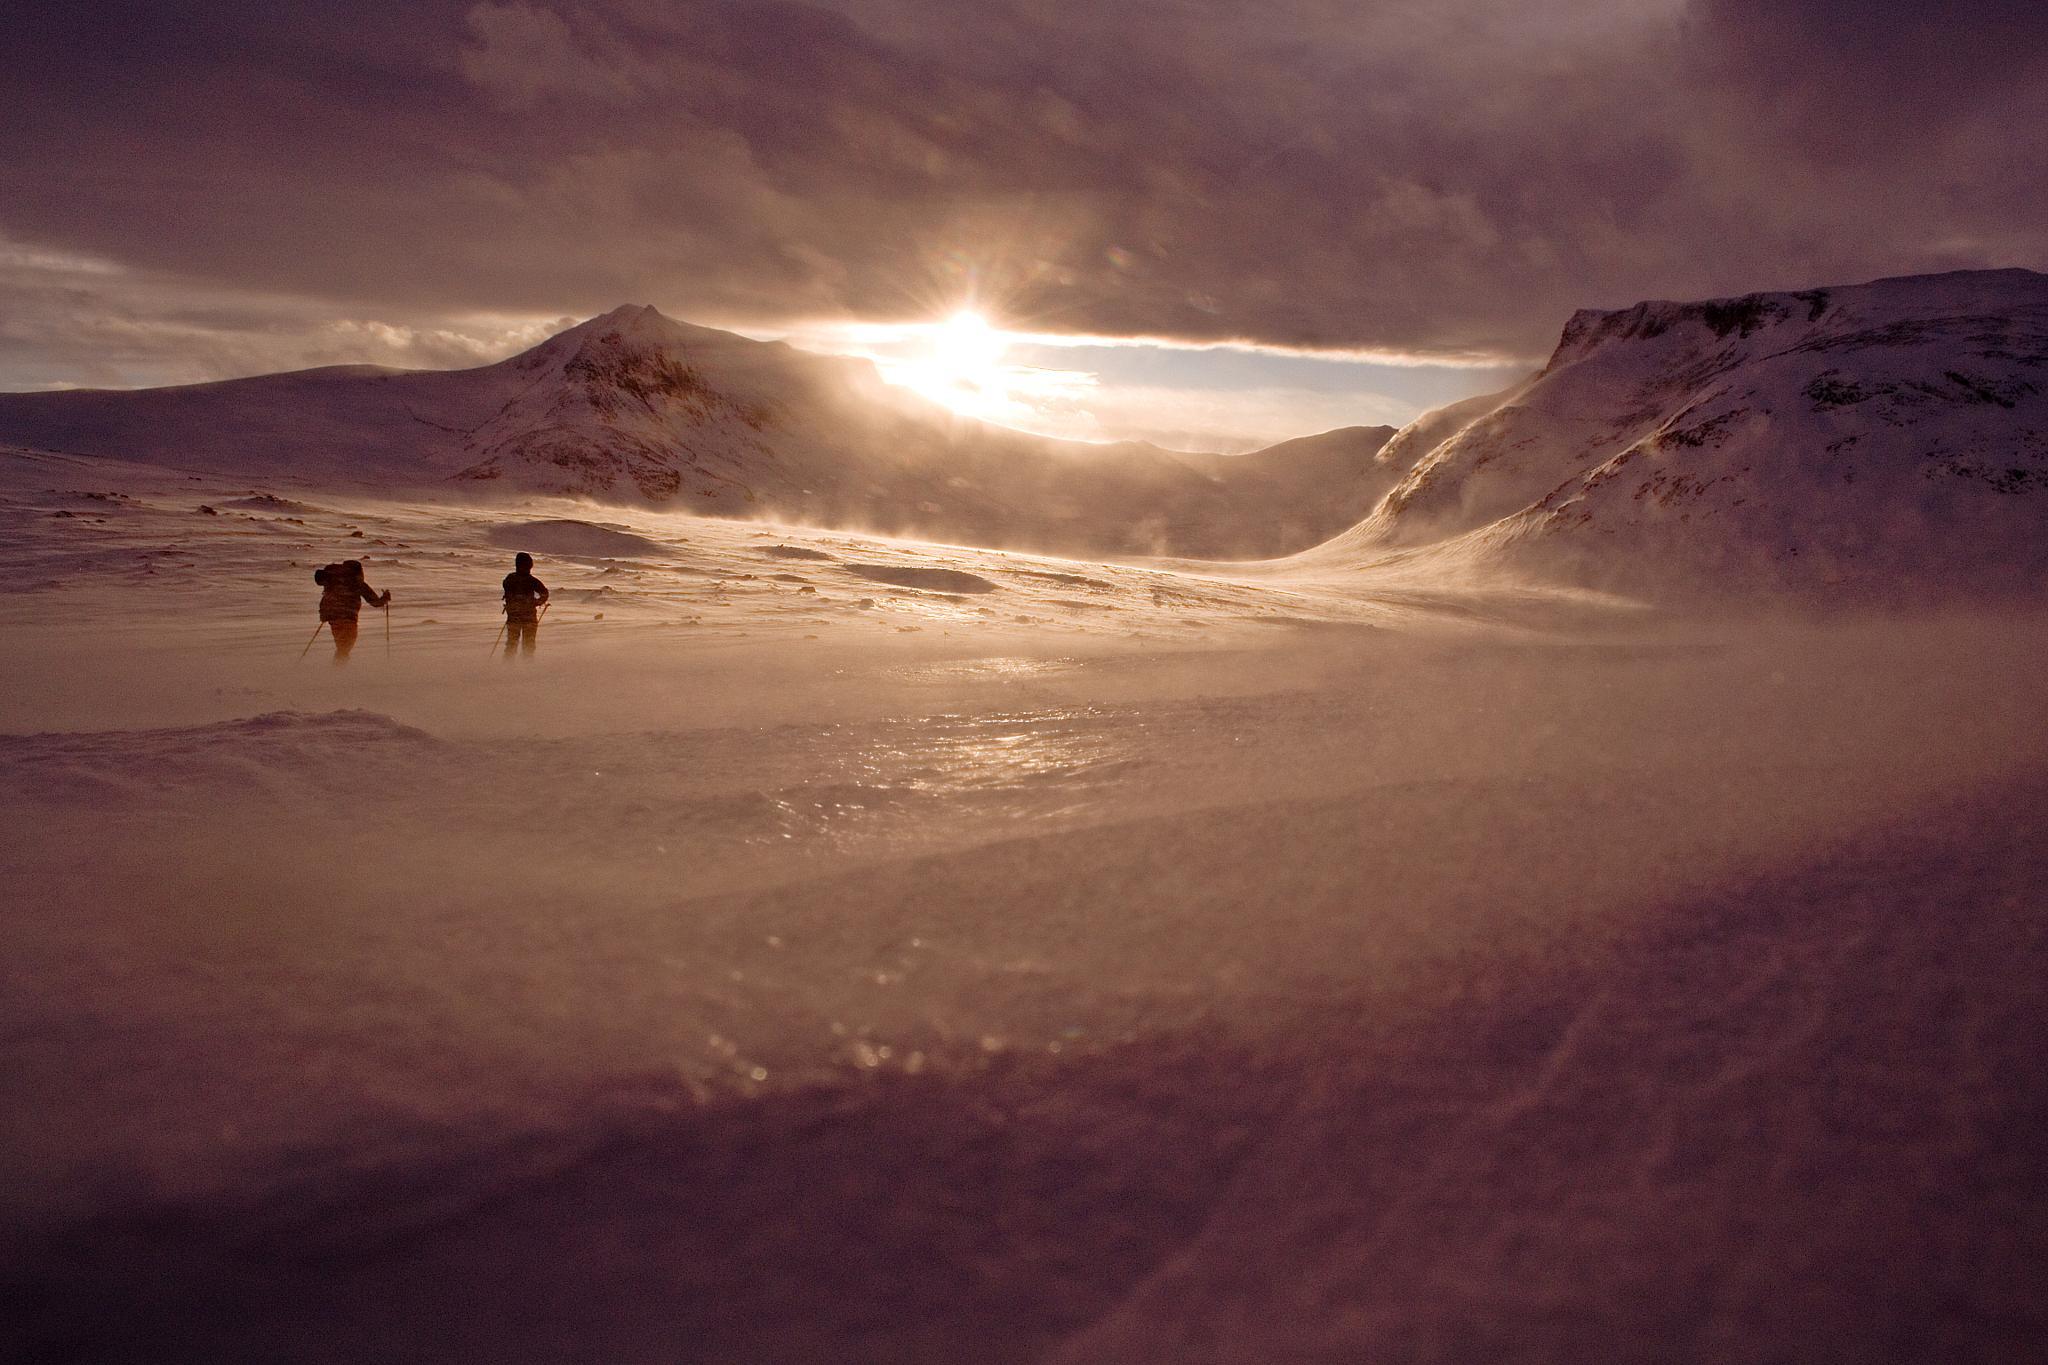 Winter days by ebba.samuelsson